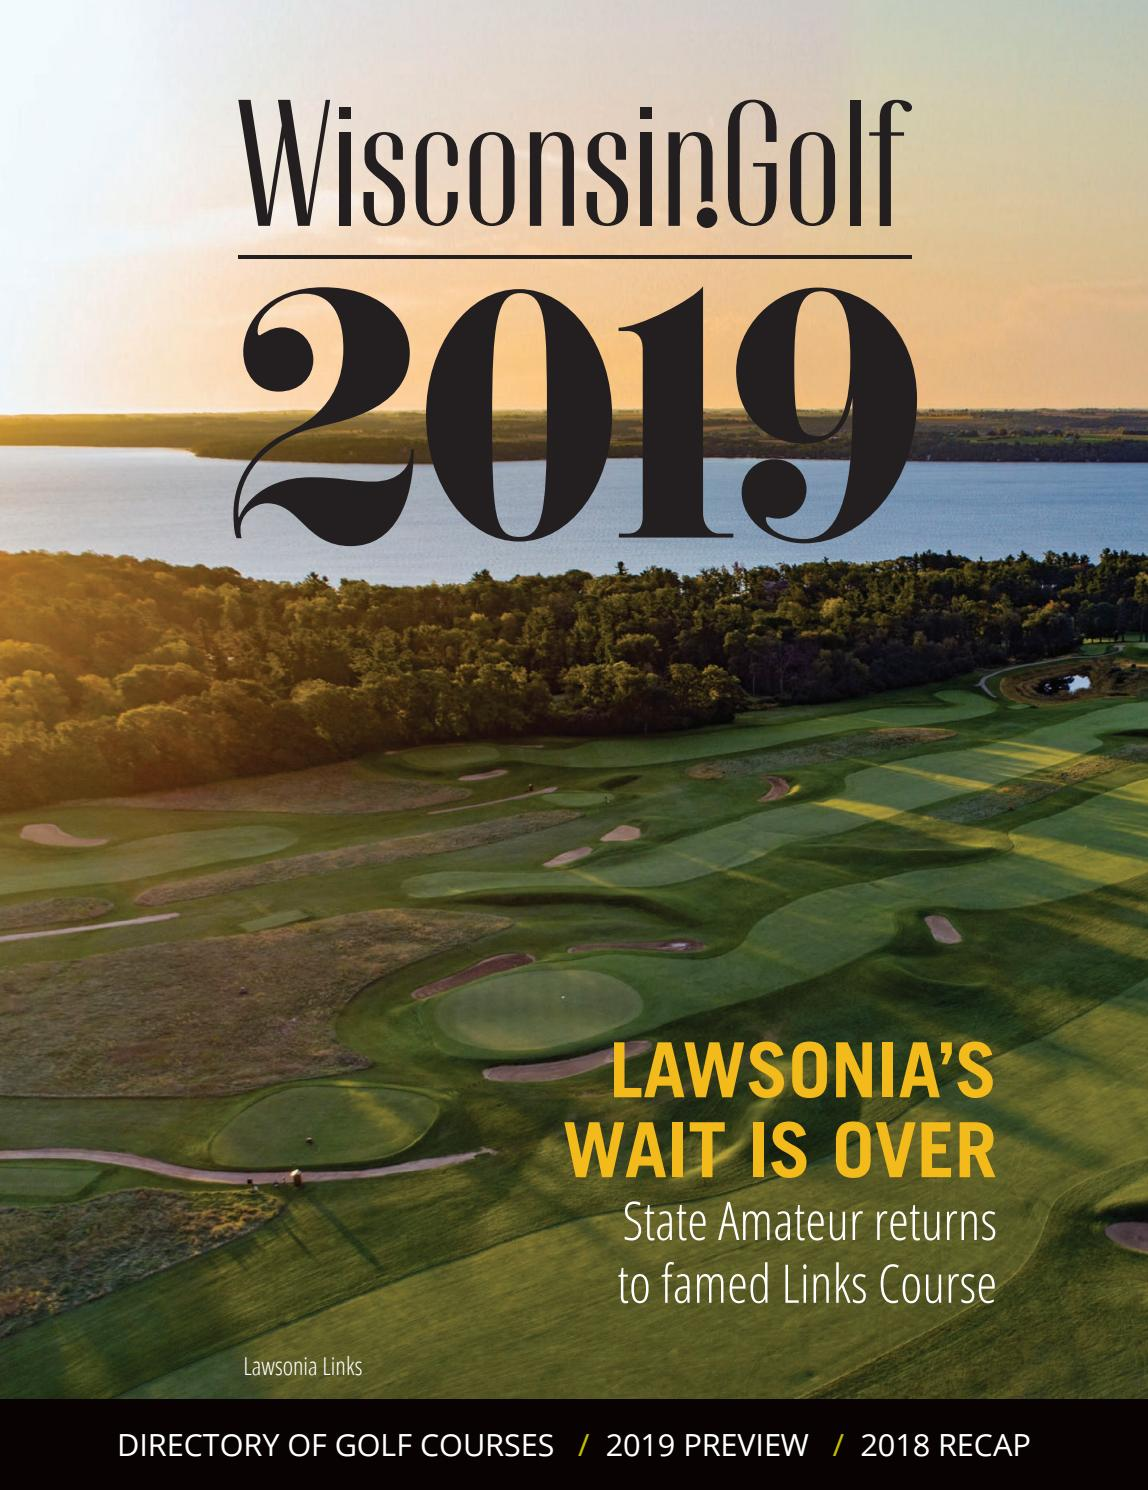 7392a4eff6e1df 2019 Wisconsin.Golf Yearbook by Killarney Golf Media - issuu